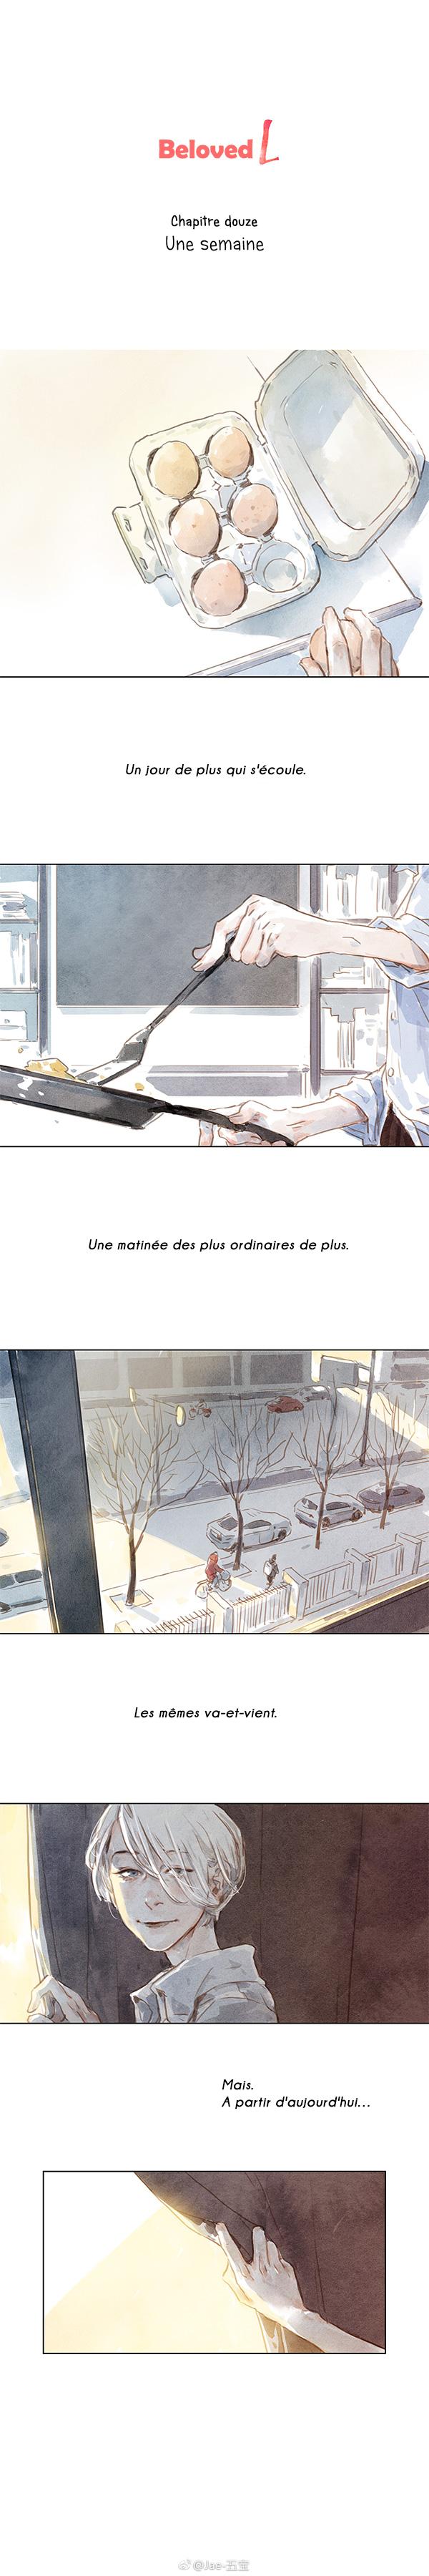 https://nine.mangadogs.com/fr_manga/pic1/43/1771/70498/Beloved12VF_0_251.png Page 1